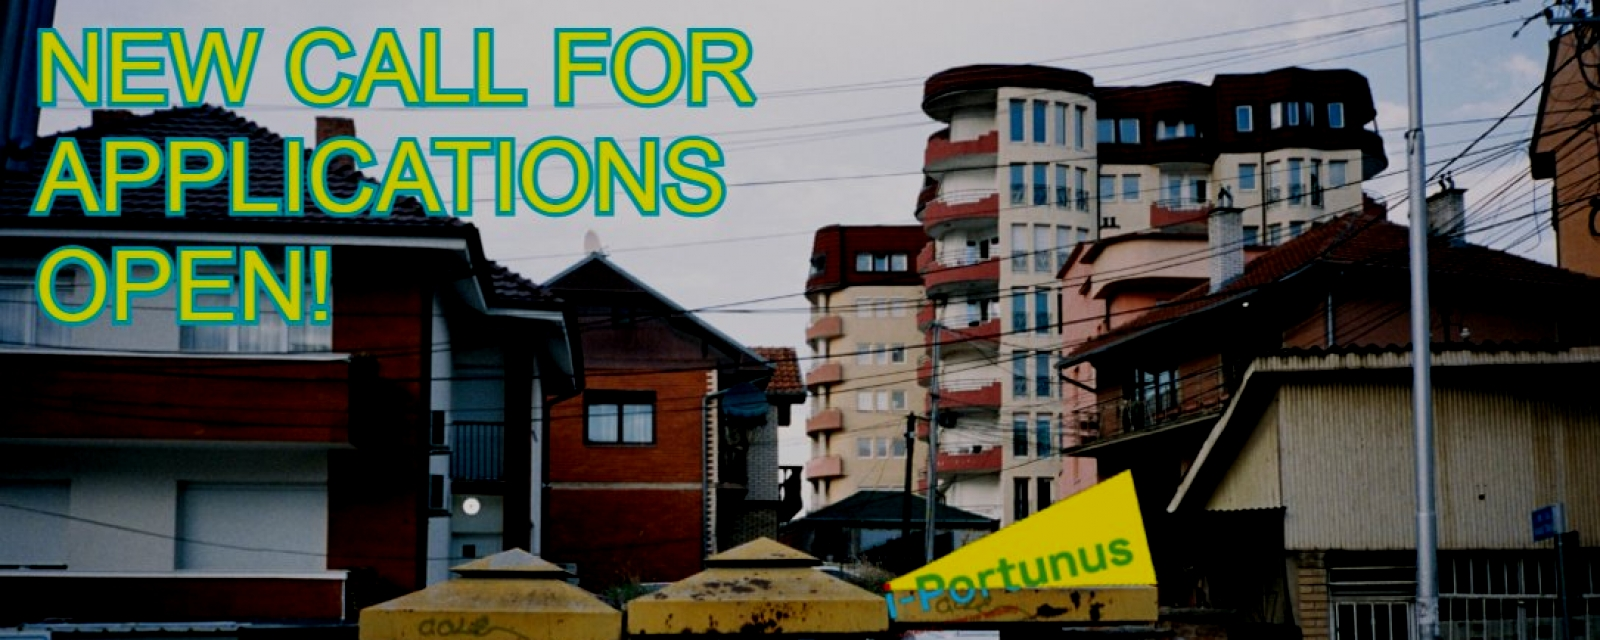 iportunus-architecture-2021